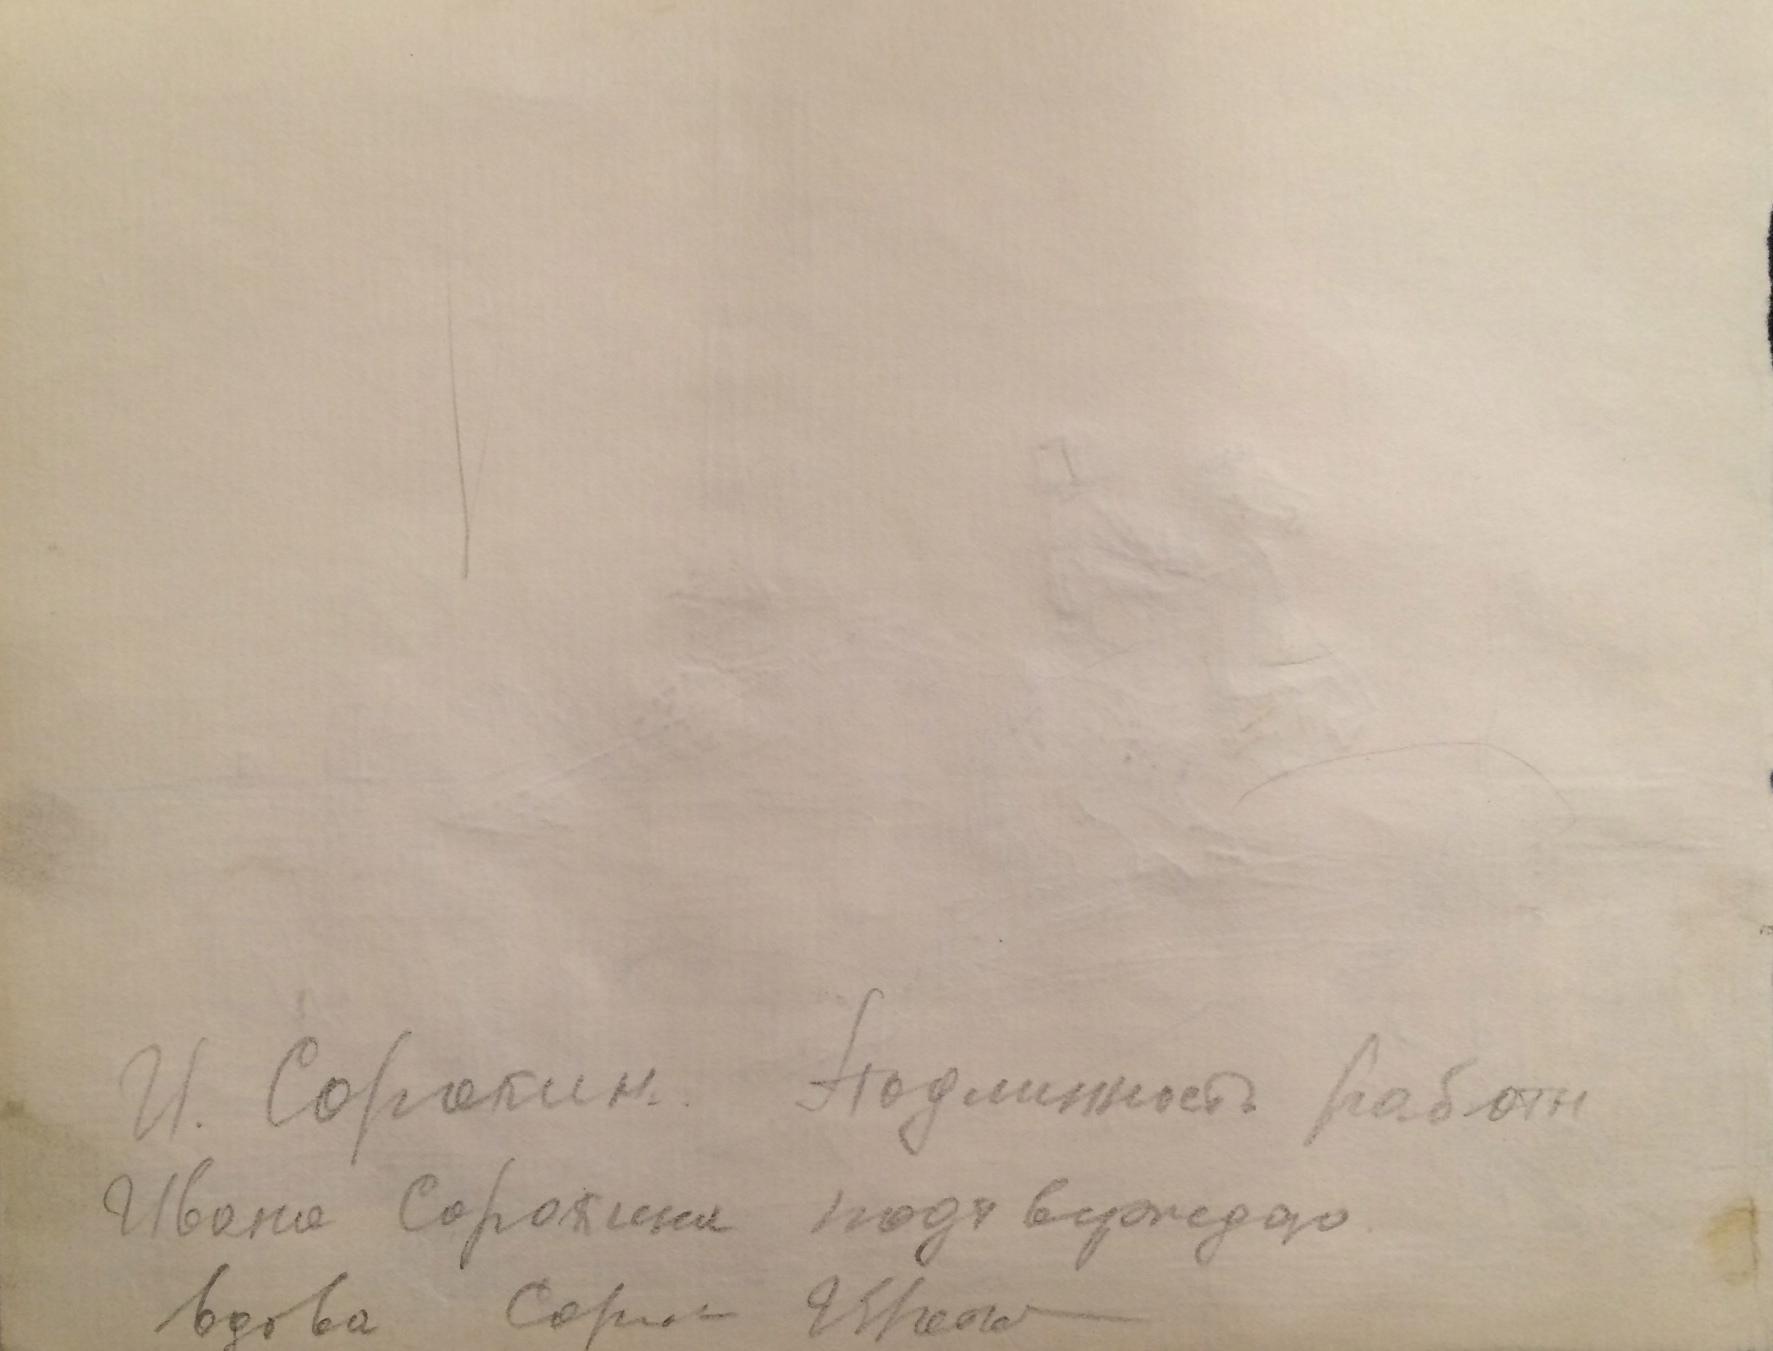 Оборот. Сорокин Иван Васильевич. Ленинград. Медный всадник.